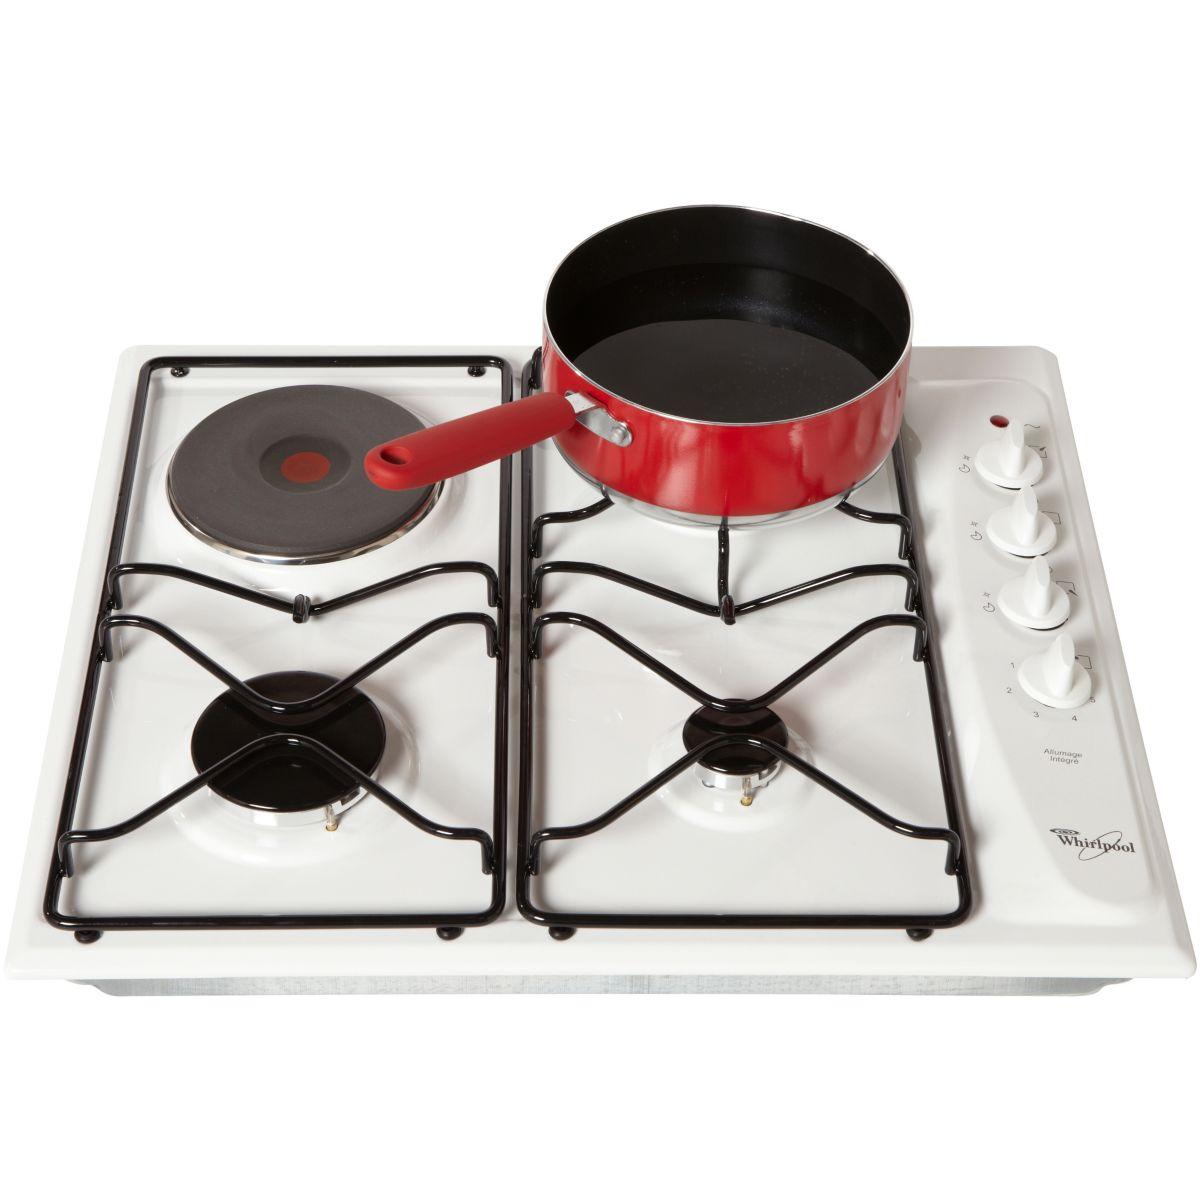 Table de cuisson mixte whirlpool akm261wh - 7% de remise : code gam7